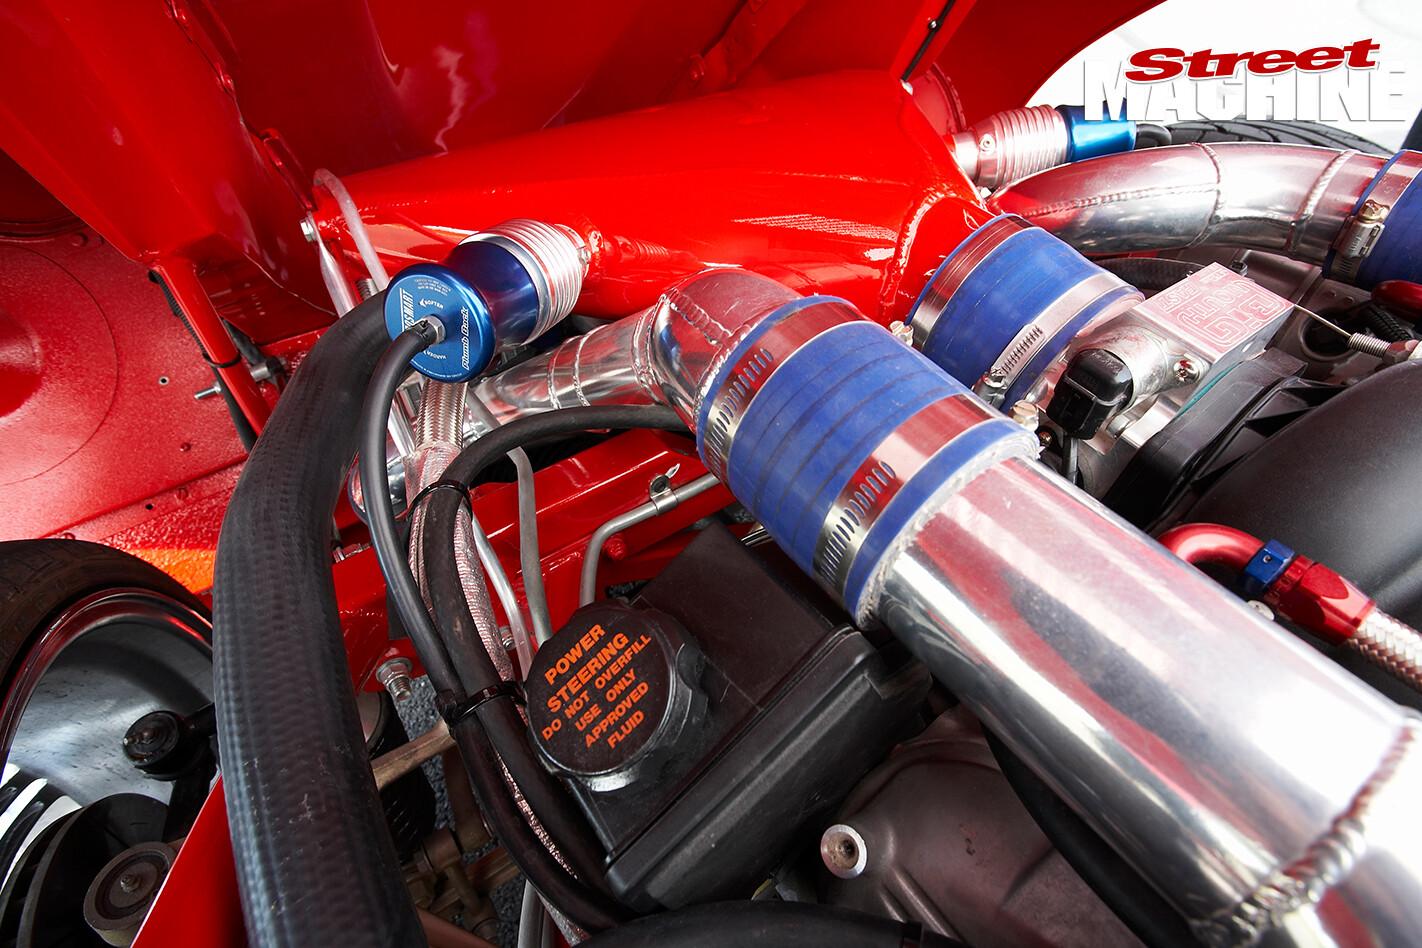 E-type -Jaguar -engine -detail 04